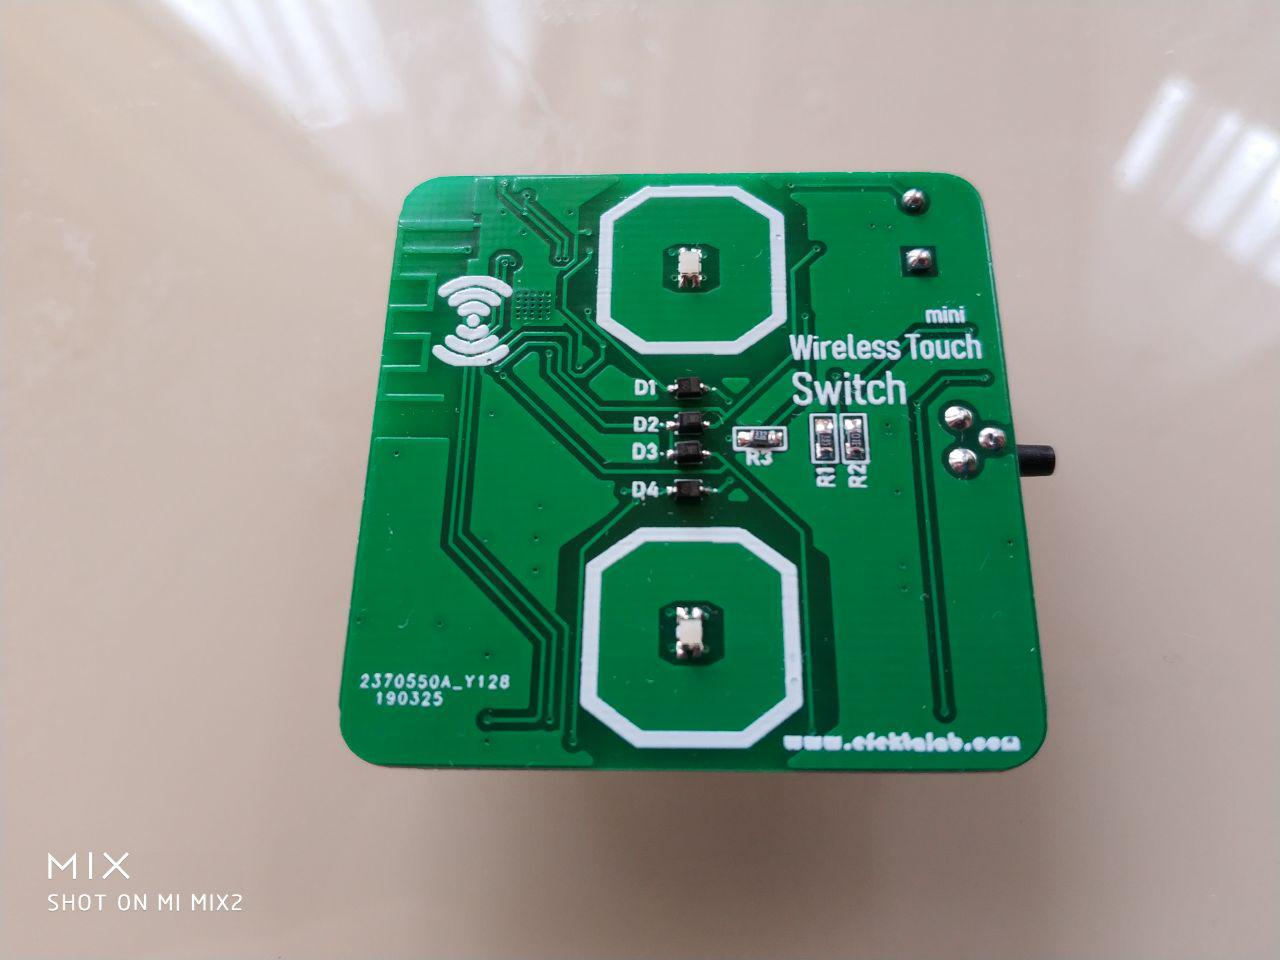 Сенсорный мини выключатель cо стеклянной панелью на nRF52832 - 3